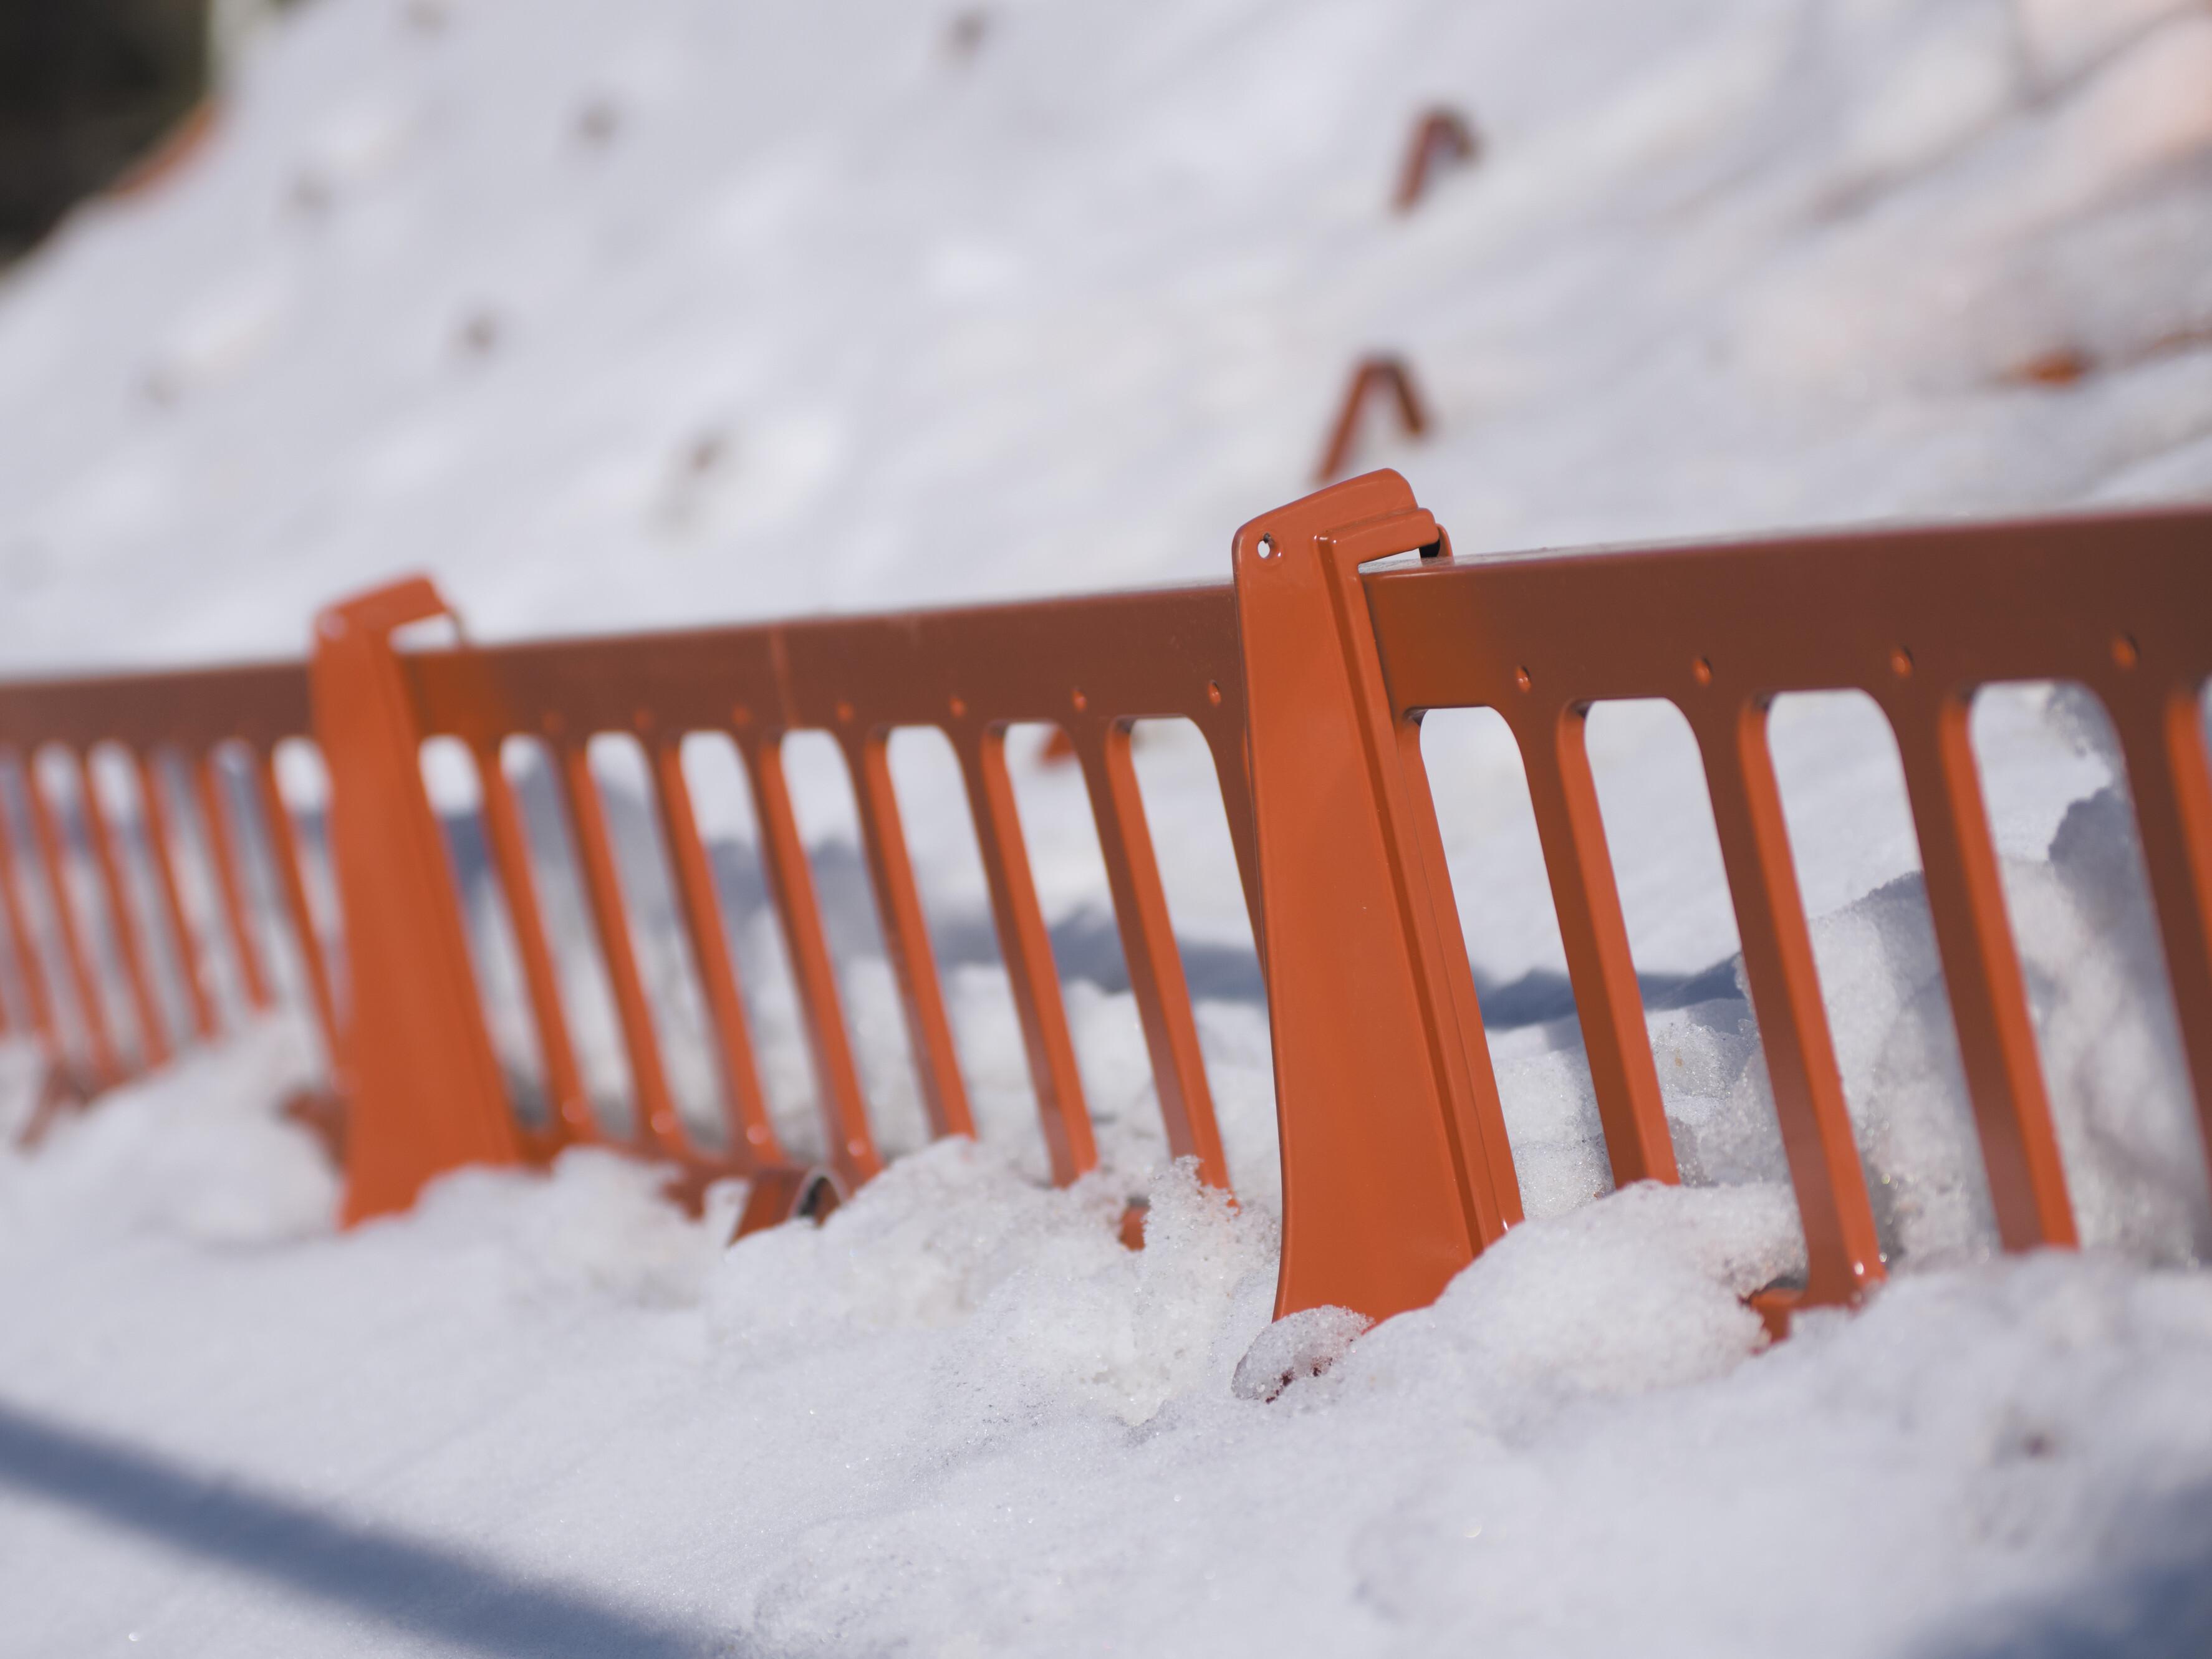 Ochrona przed śniegiem i lodem